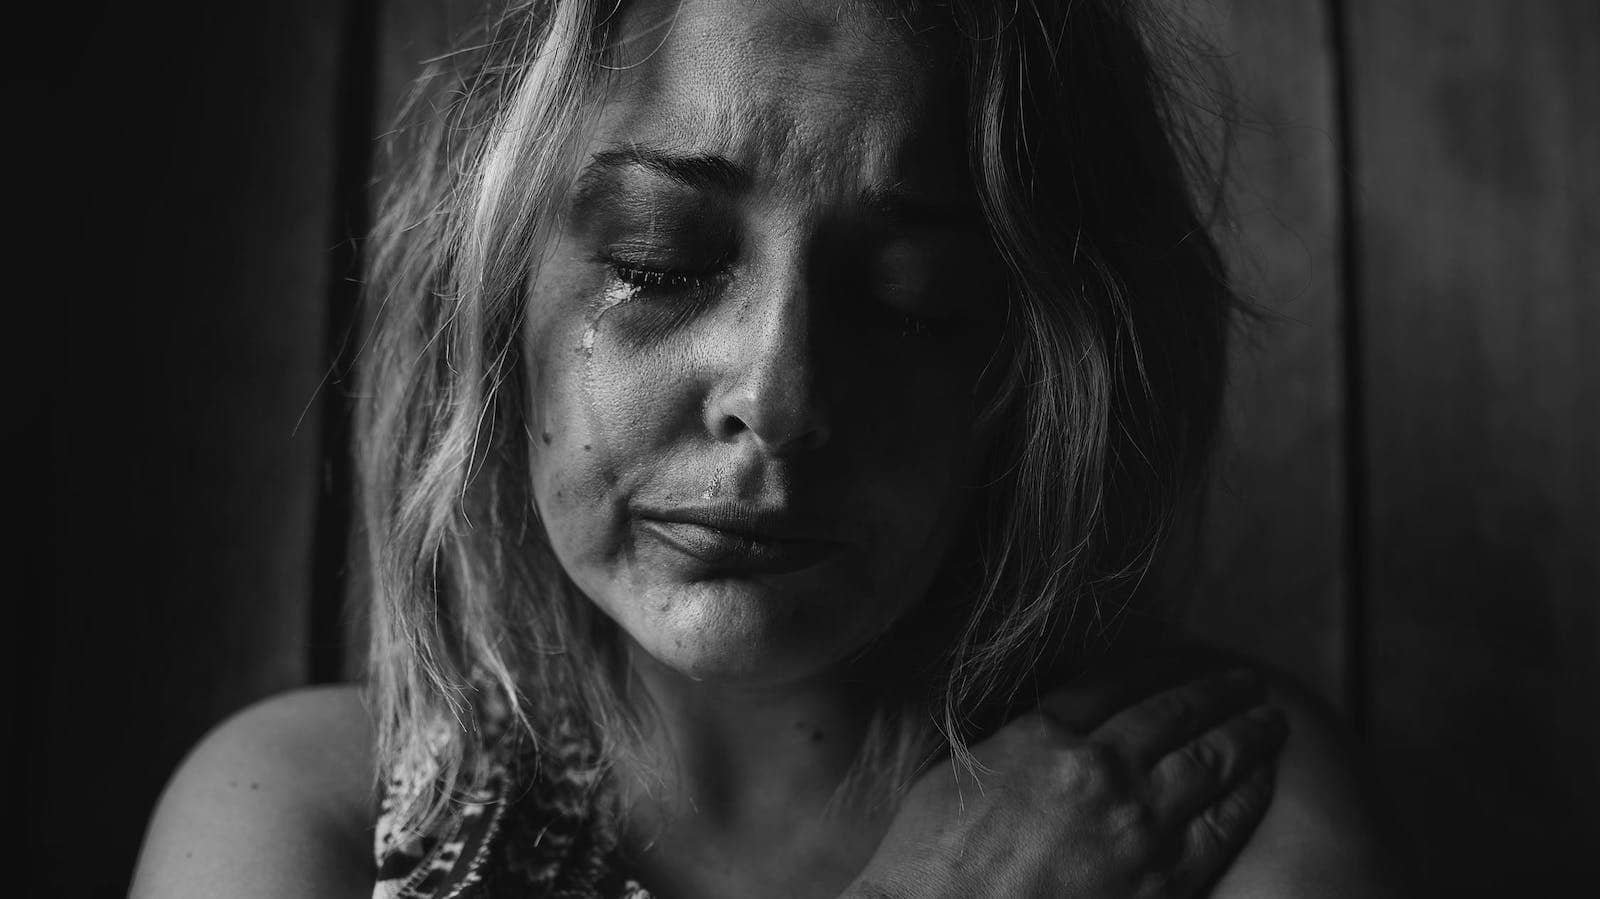 Tränenüberströmtes Gesicht